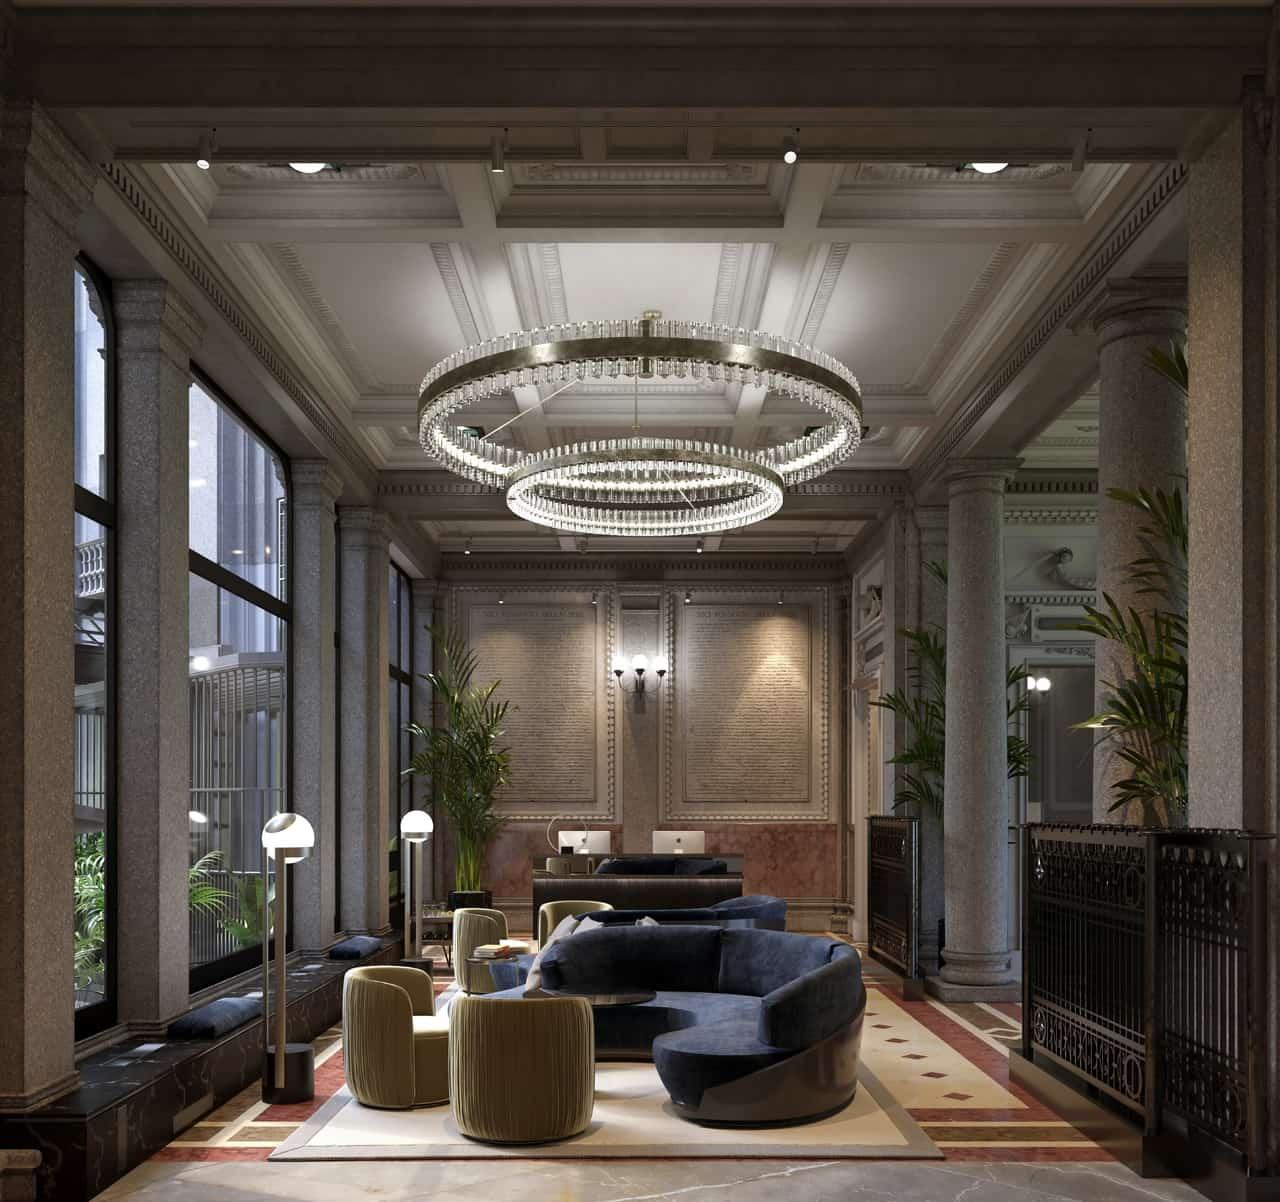 Interni di Radisson Collection Hotel Palazzo Touring Club Milan.